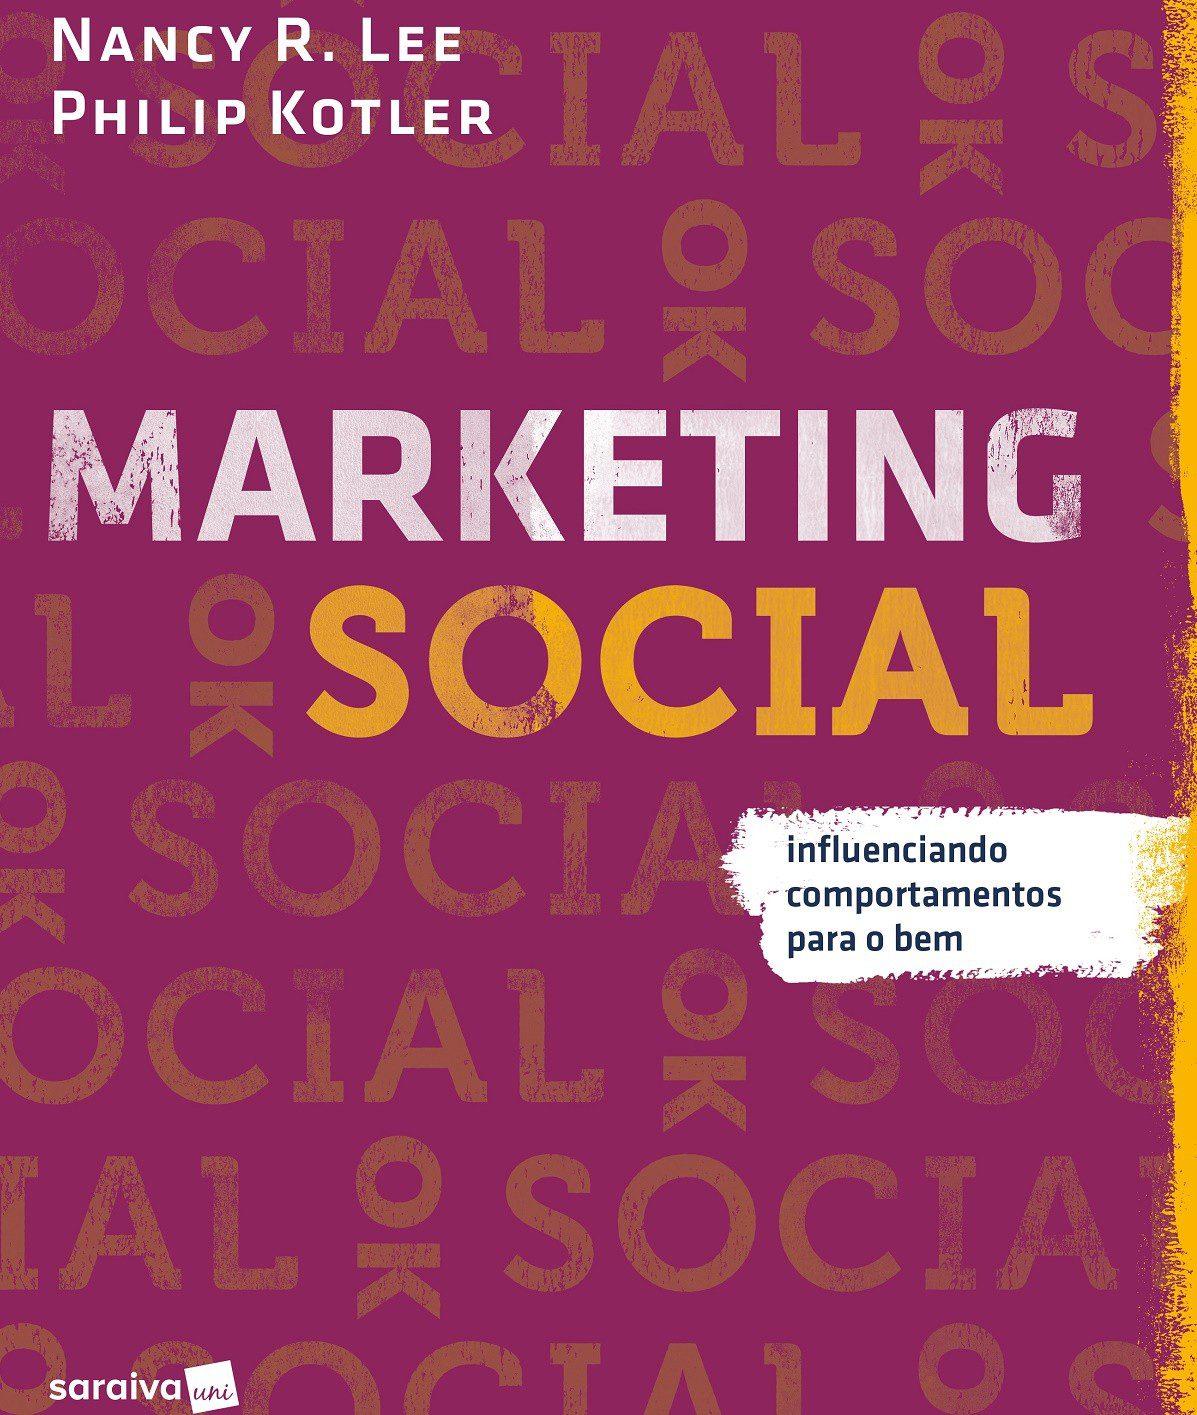 Philip Kotler apresenta o Marketing Social como ferramenta para o bem público